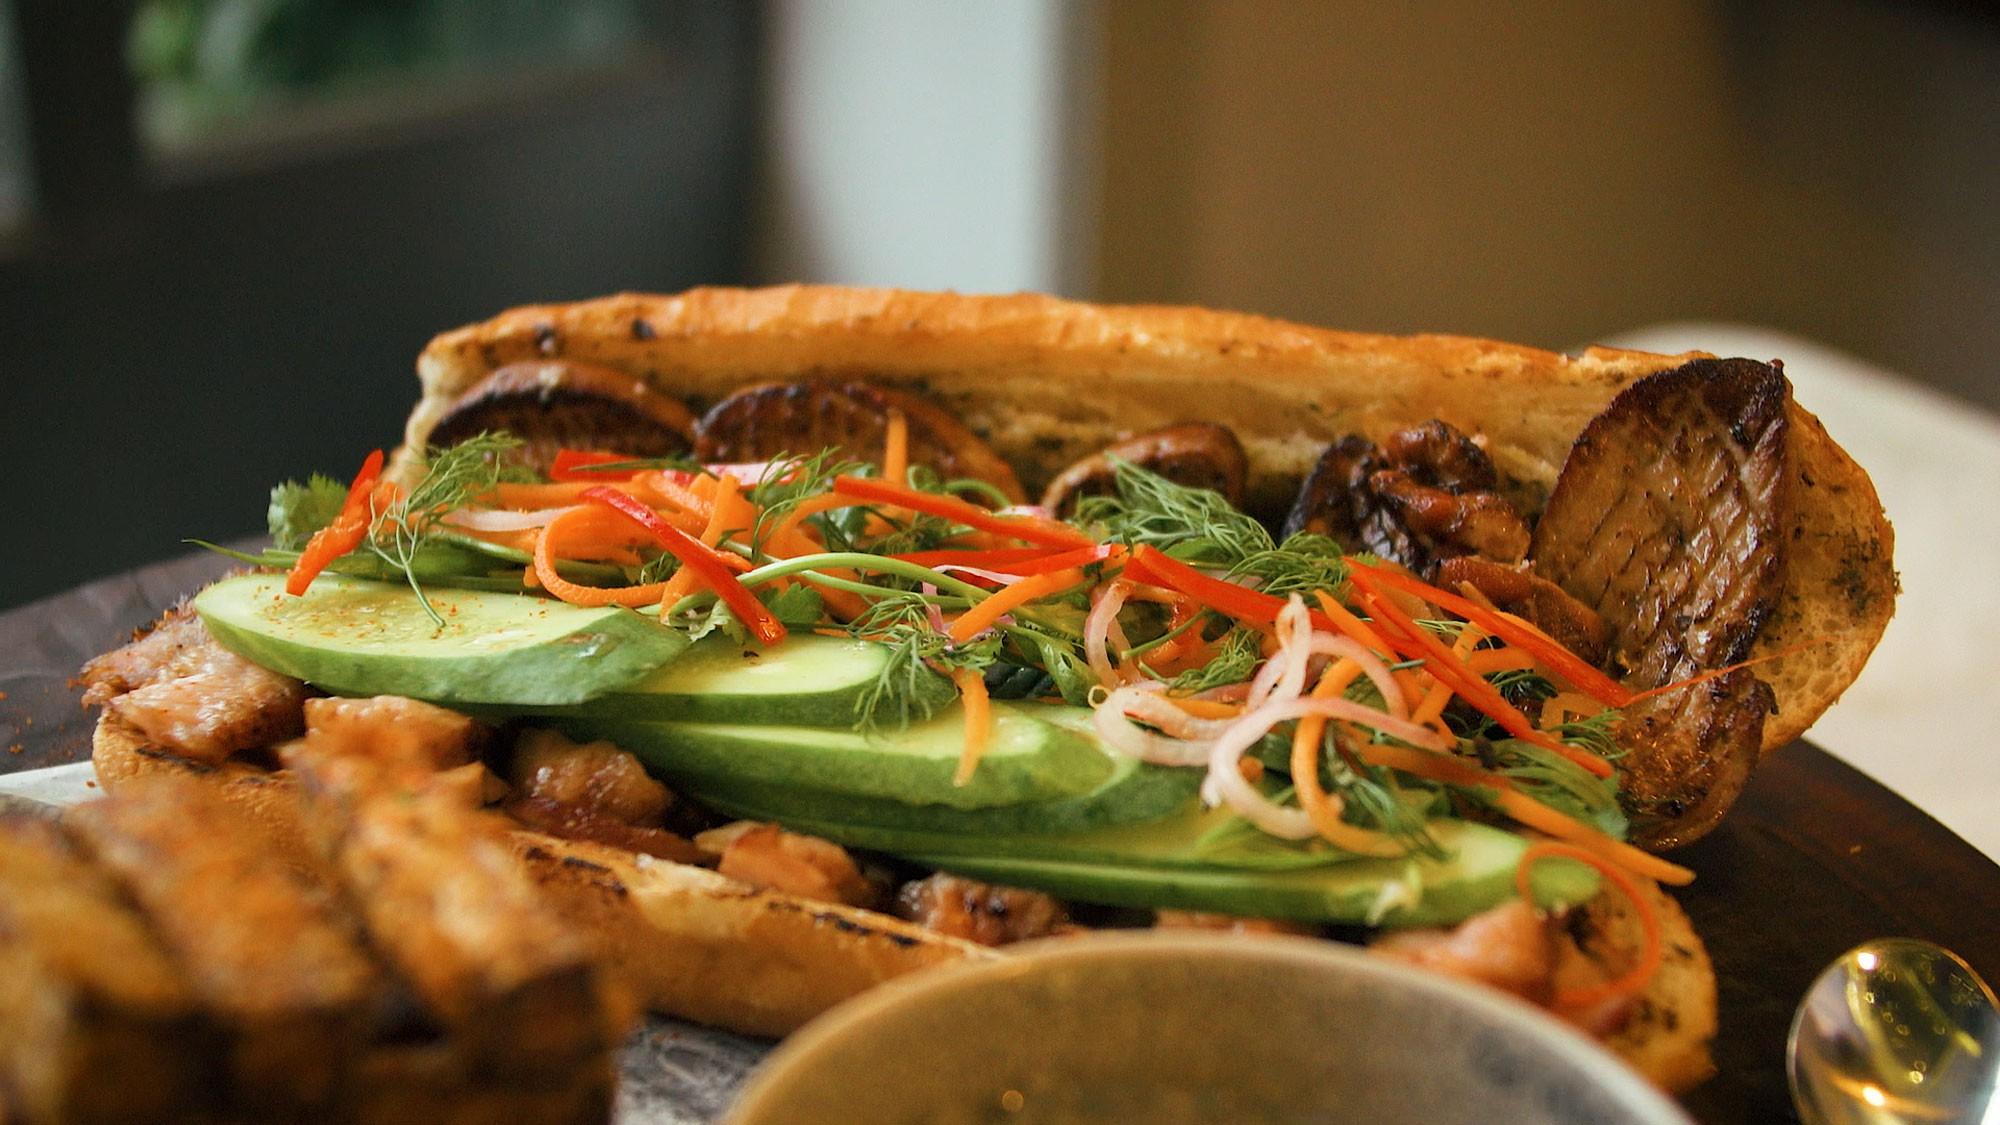 Sài Gòn có chiếc bánh mì giá 2,3 triệu: cùng vào tận bếp để xem họ đã làm những gì mà đắt thế - Ảnh 1.